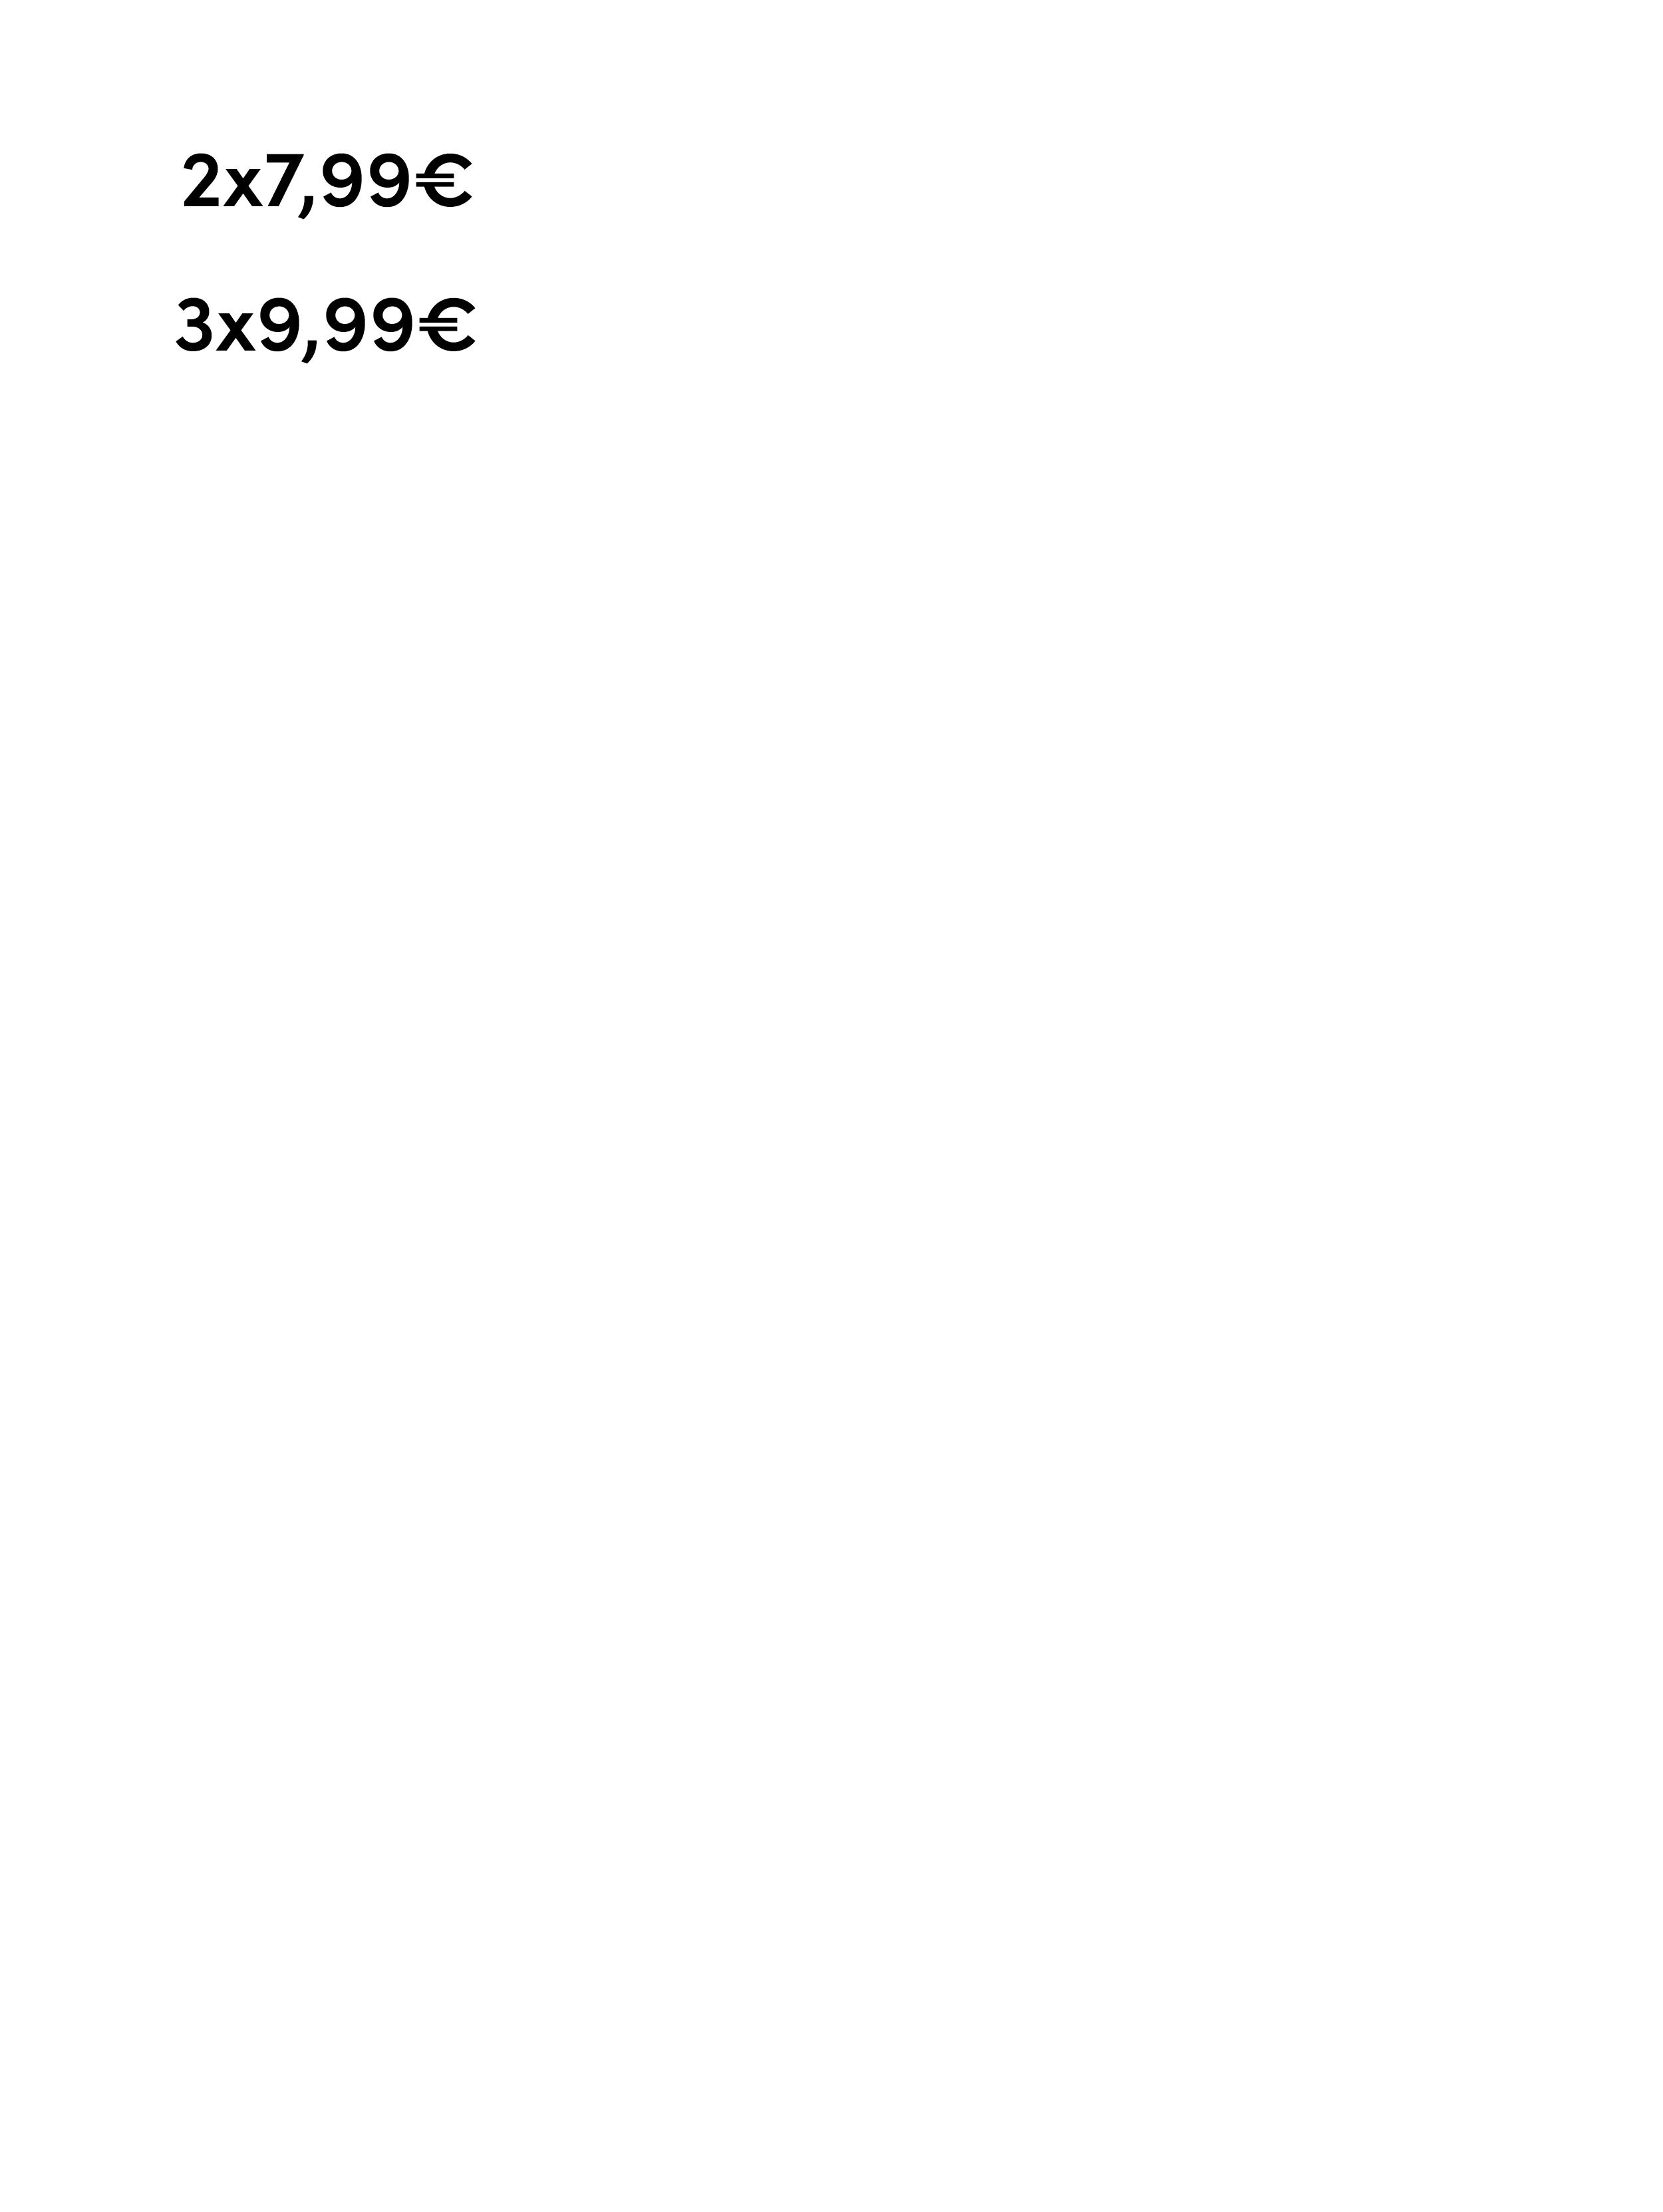 mascherine 2x7,993x9,99